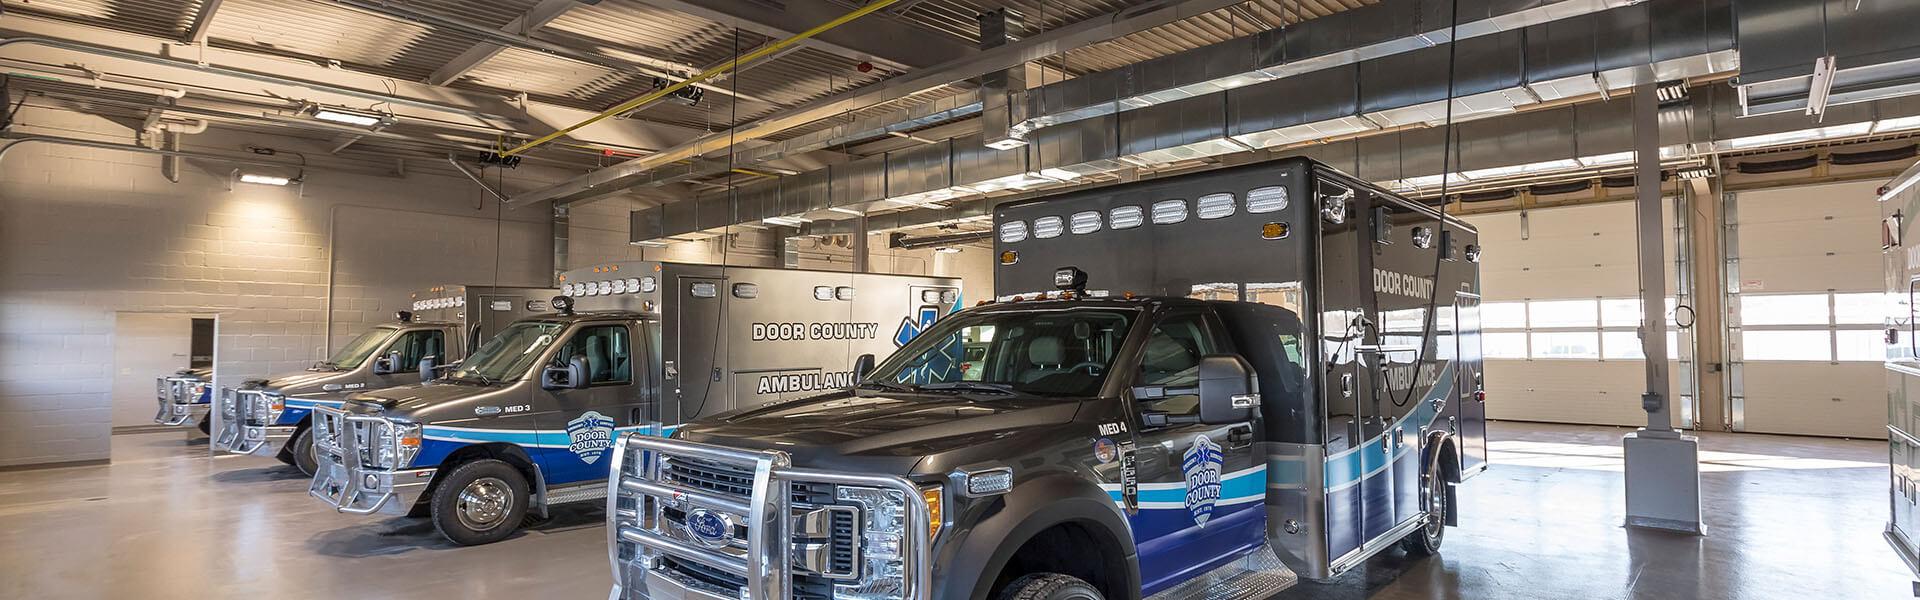 immel-banner_Door County Emergency Services